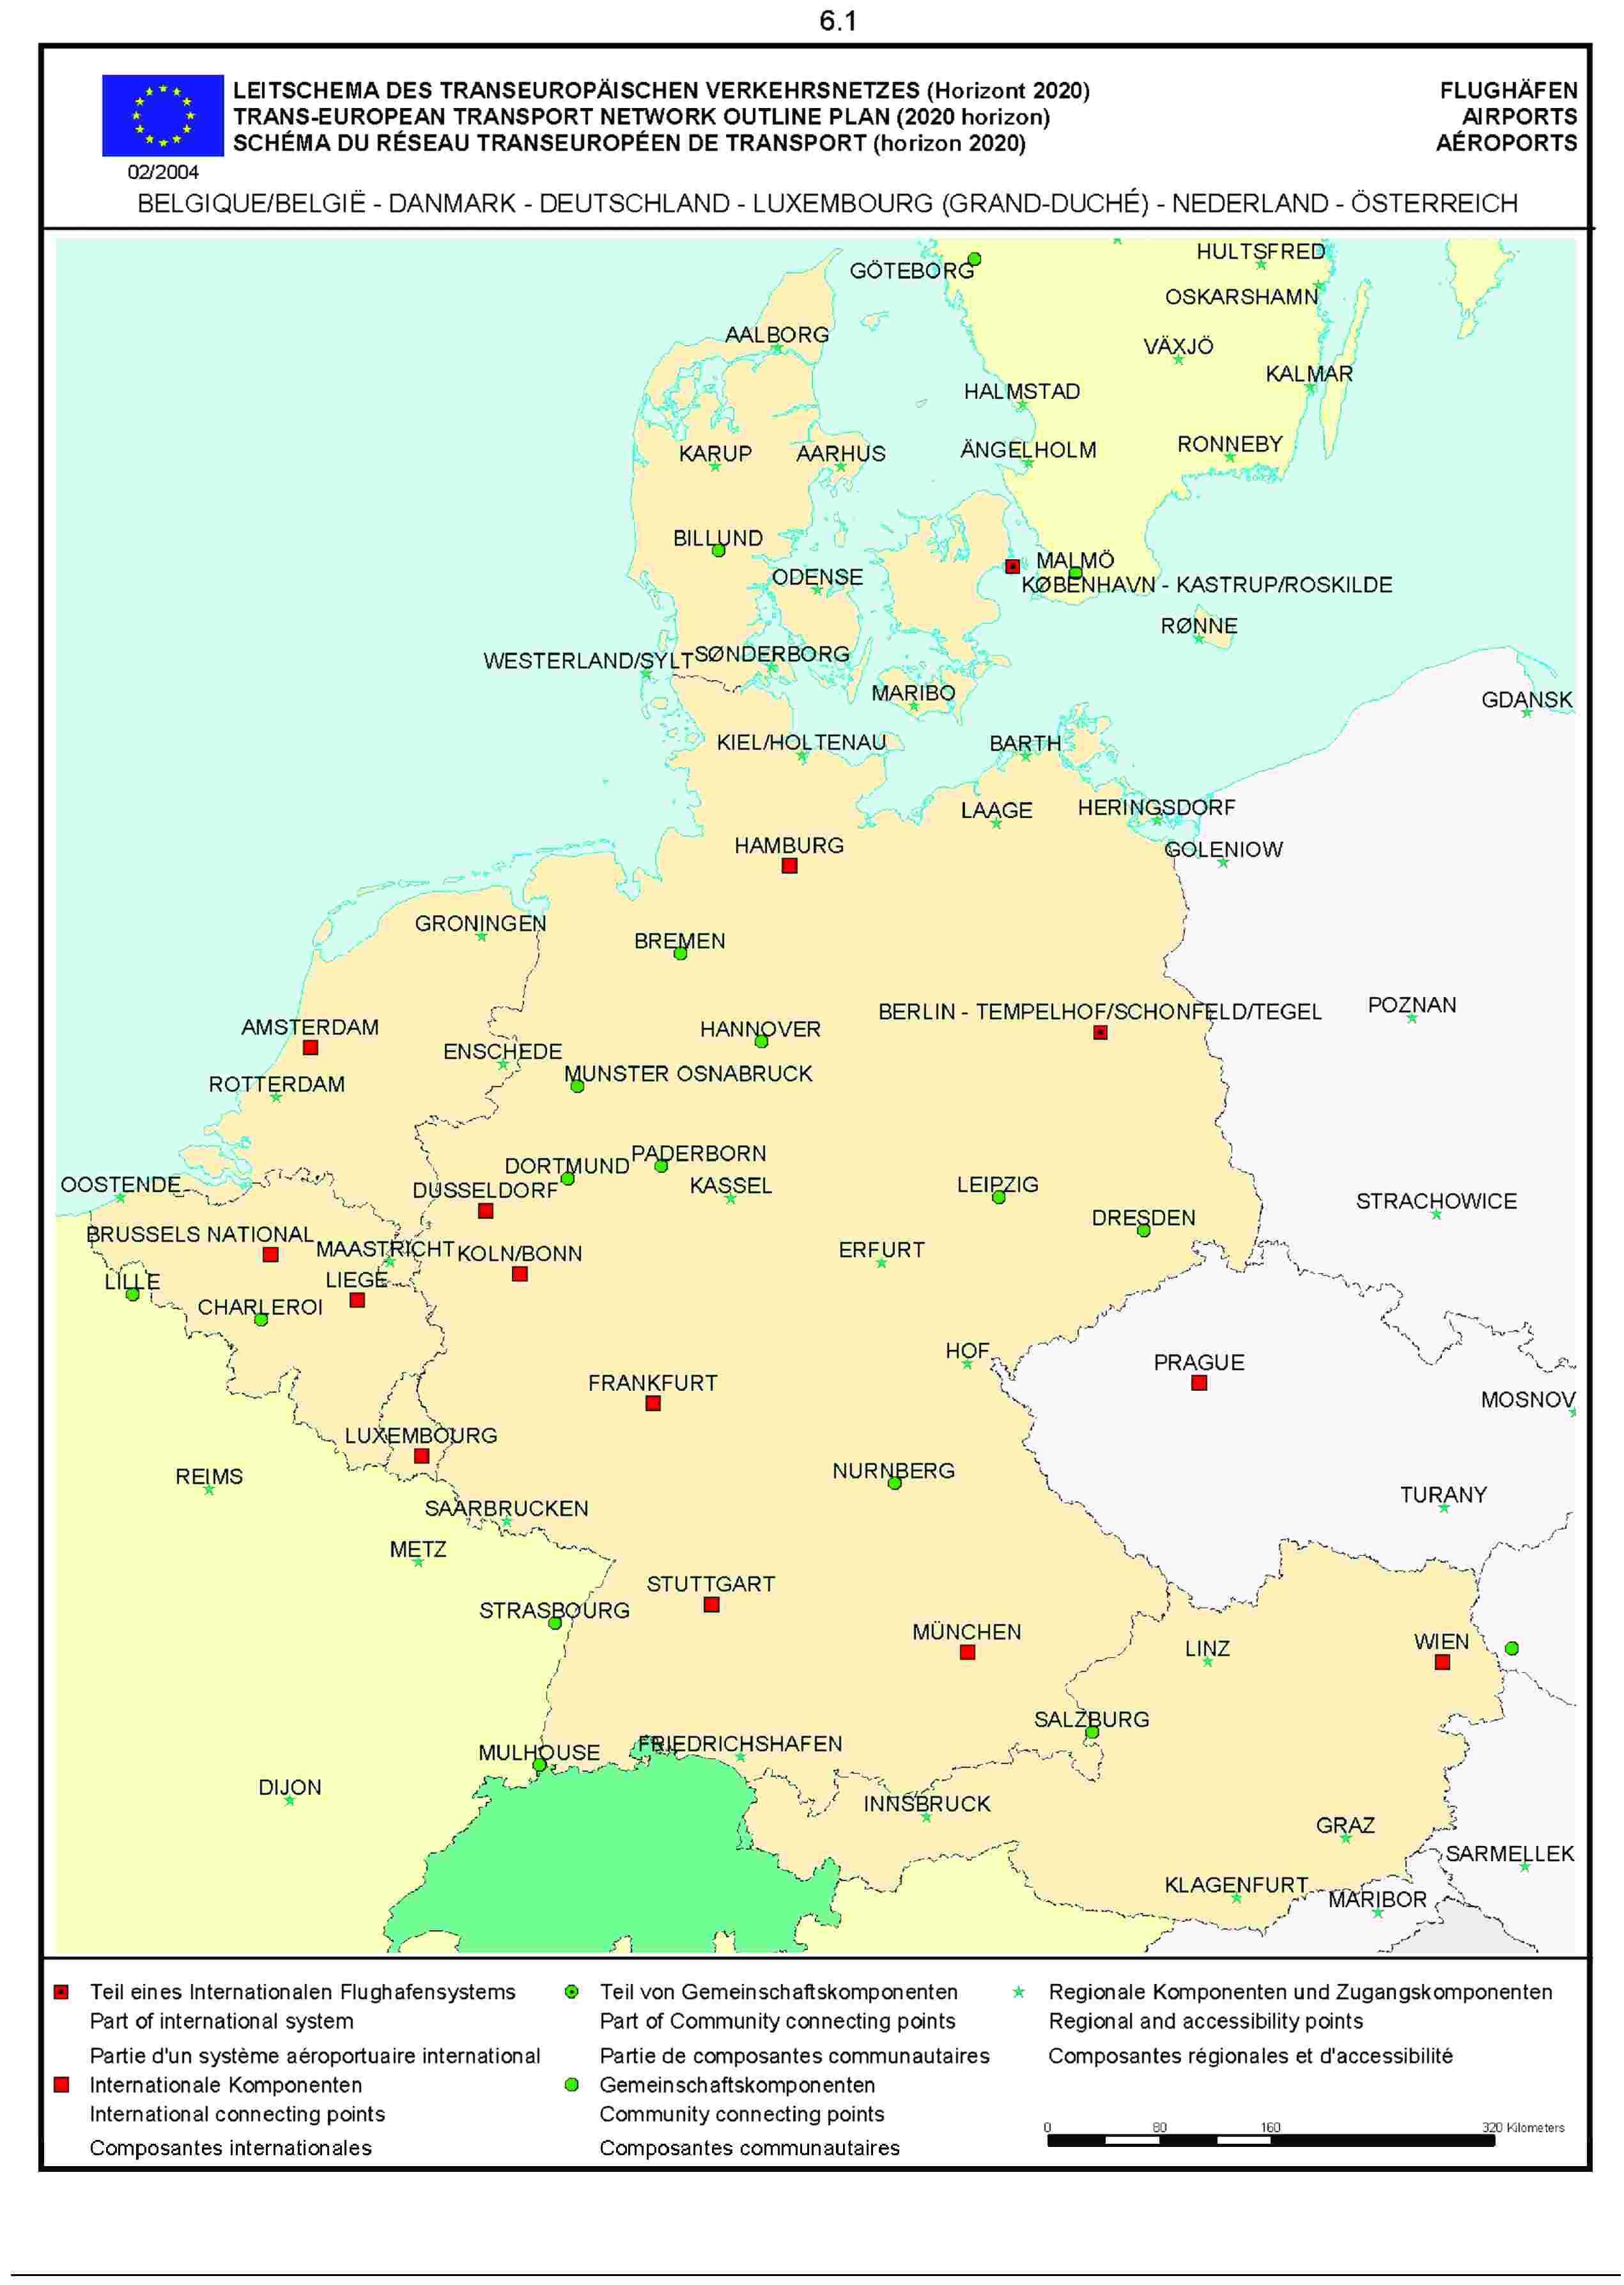 6.1LEITSCHEMA DES TRANSEUROPÄISCHEN VERKEHRSNETZES (Horizont 2020) FLUGHÄFENTRANS-EUROPEAN TRANSPORT NETWORK OUTLINE PLAN (2020 horizon) AIRPORTSSCHÉMA DU RÉSEAU TRANSEUROPÉEN DE TRANSPORT (horizon 2020) AÉROPORTS02/2004BELGIQUE/BELGIË - DANMARK - DEUTSCHLAND - LUXEMBOURG (GRAND-DUCHÉ) - NEDERLAND - ÖSTERREICH